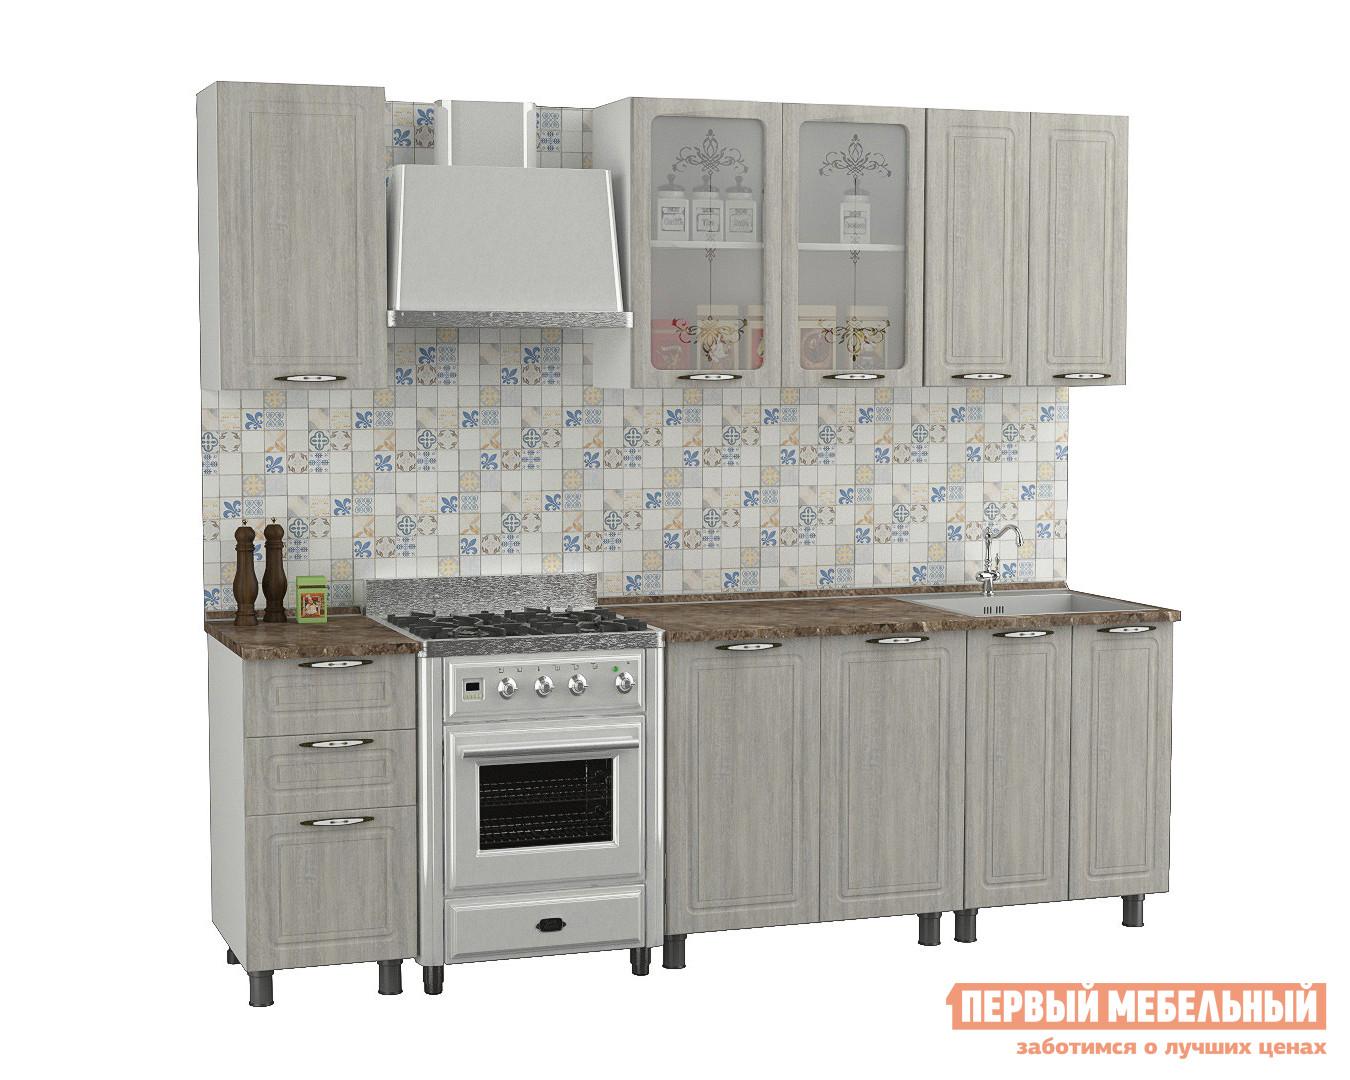 Кухонный гарнитур Первый Мебельный Прованс 1,8 м